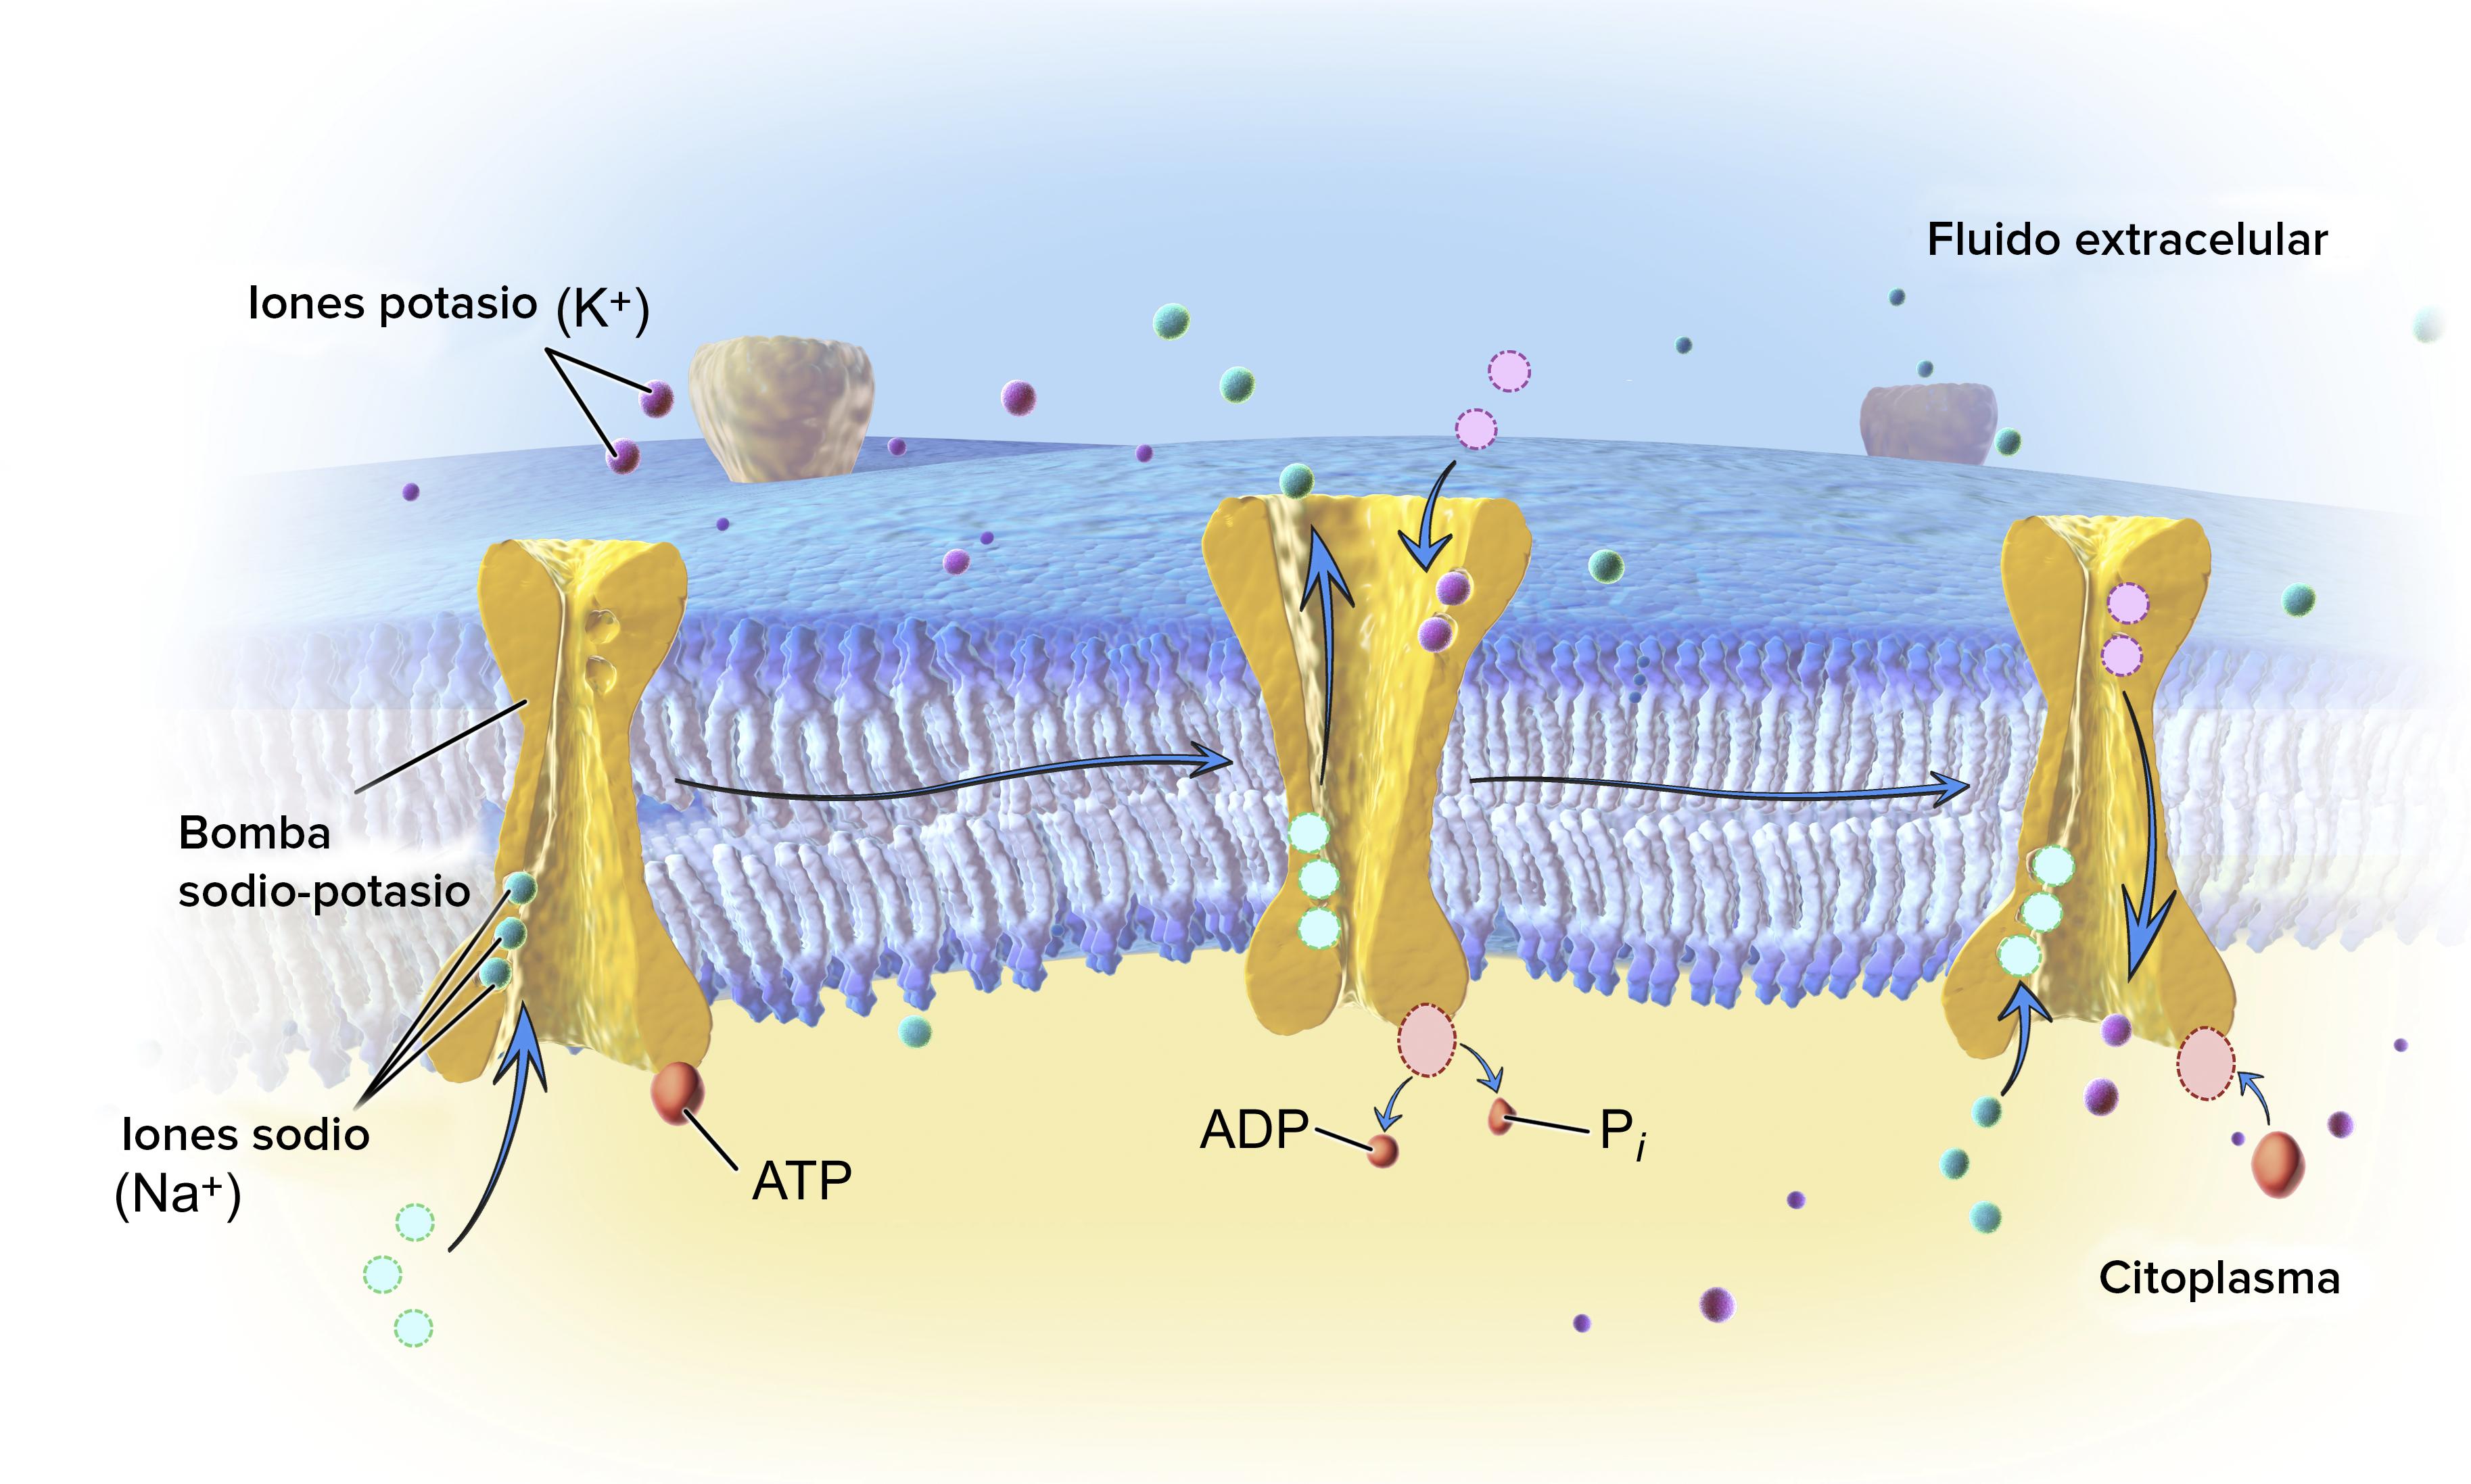 1. Tres iones de sodio se unen a la bomba de sodio-potasio, que está abierta hacia el interior de la célula. 2. La bomba hidroliza ATP, se fosforila (al unir un grupo fosfato a sí misma) y libera ATP. Este evento de fosforilación causa un cambio conformacional en la bomba: se cierra en el interior de la célula y se abre en el exterior de la célula. Los tres iones de sodio se liberan y dos iones de potasio se unen al interior de la bomba. 3. La unión de los iones de potasio desencadena otro cambio conformacional en la bomba, la cual pierde su grupo fosfato y vuelve a la forma en la que se abre hacia adentro. Los iones de potasio se liberan al interior de la célula y el ciclo de la bomba puede comenzar otra vez.